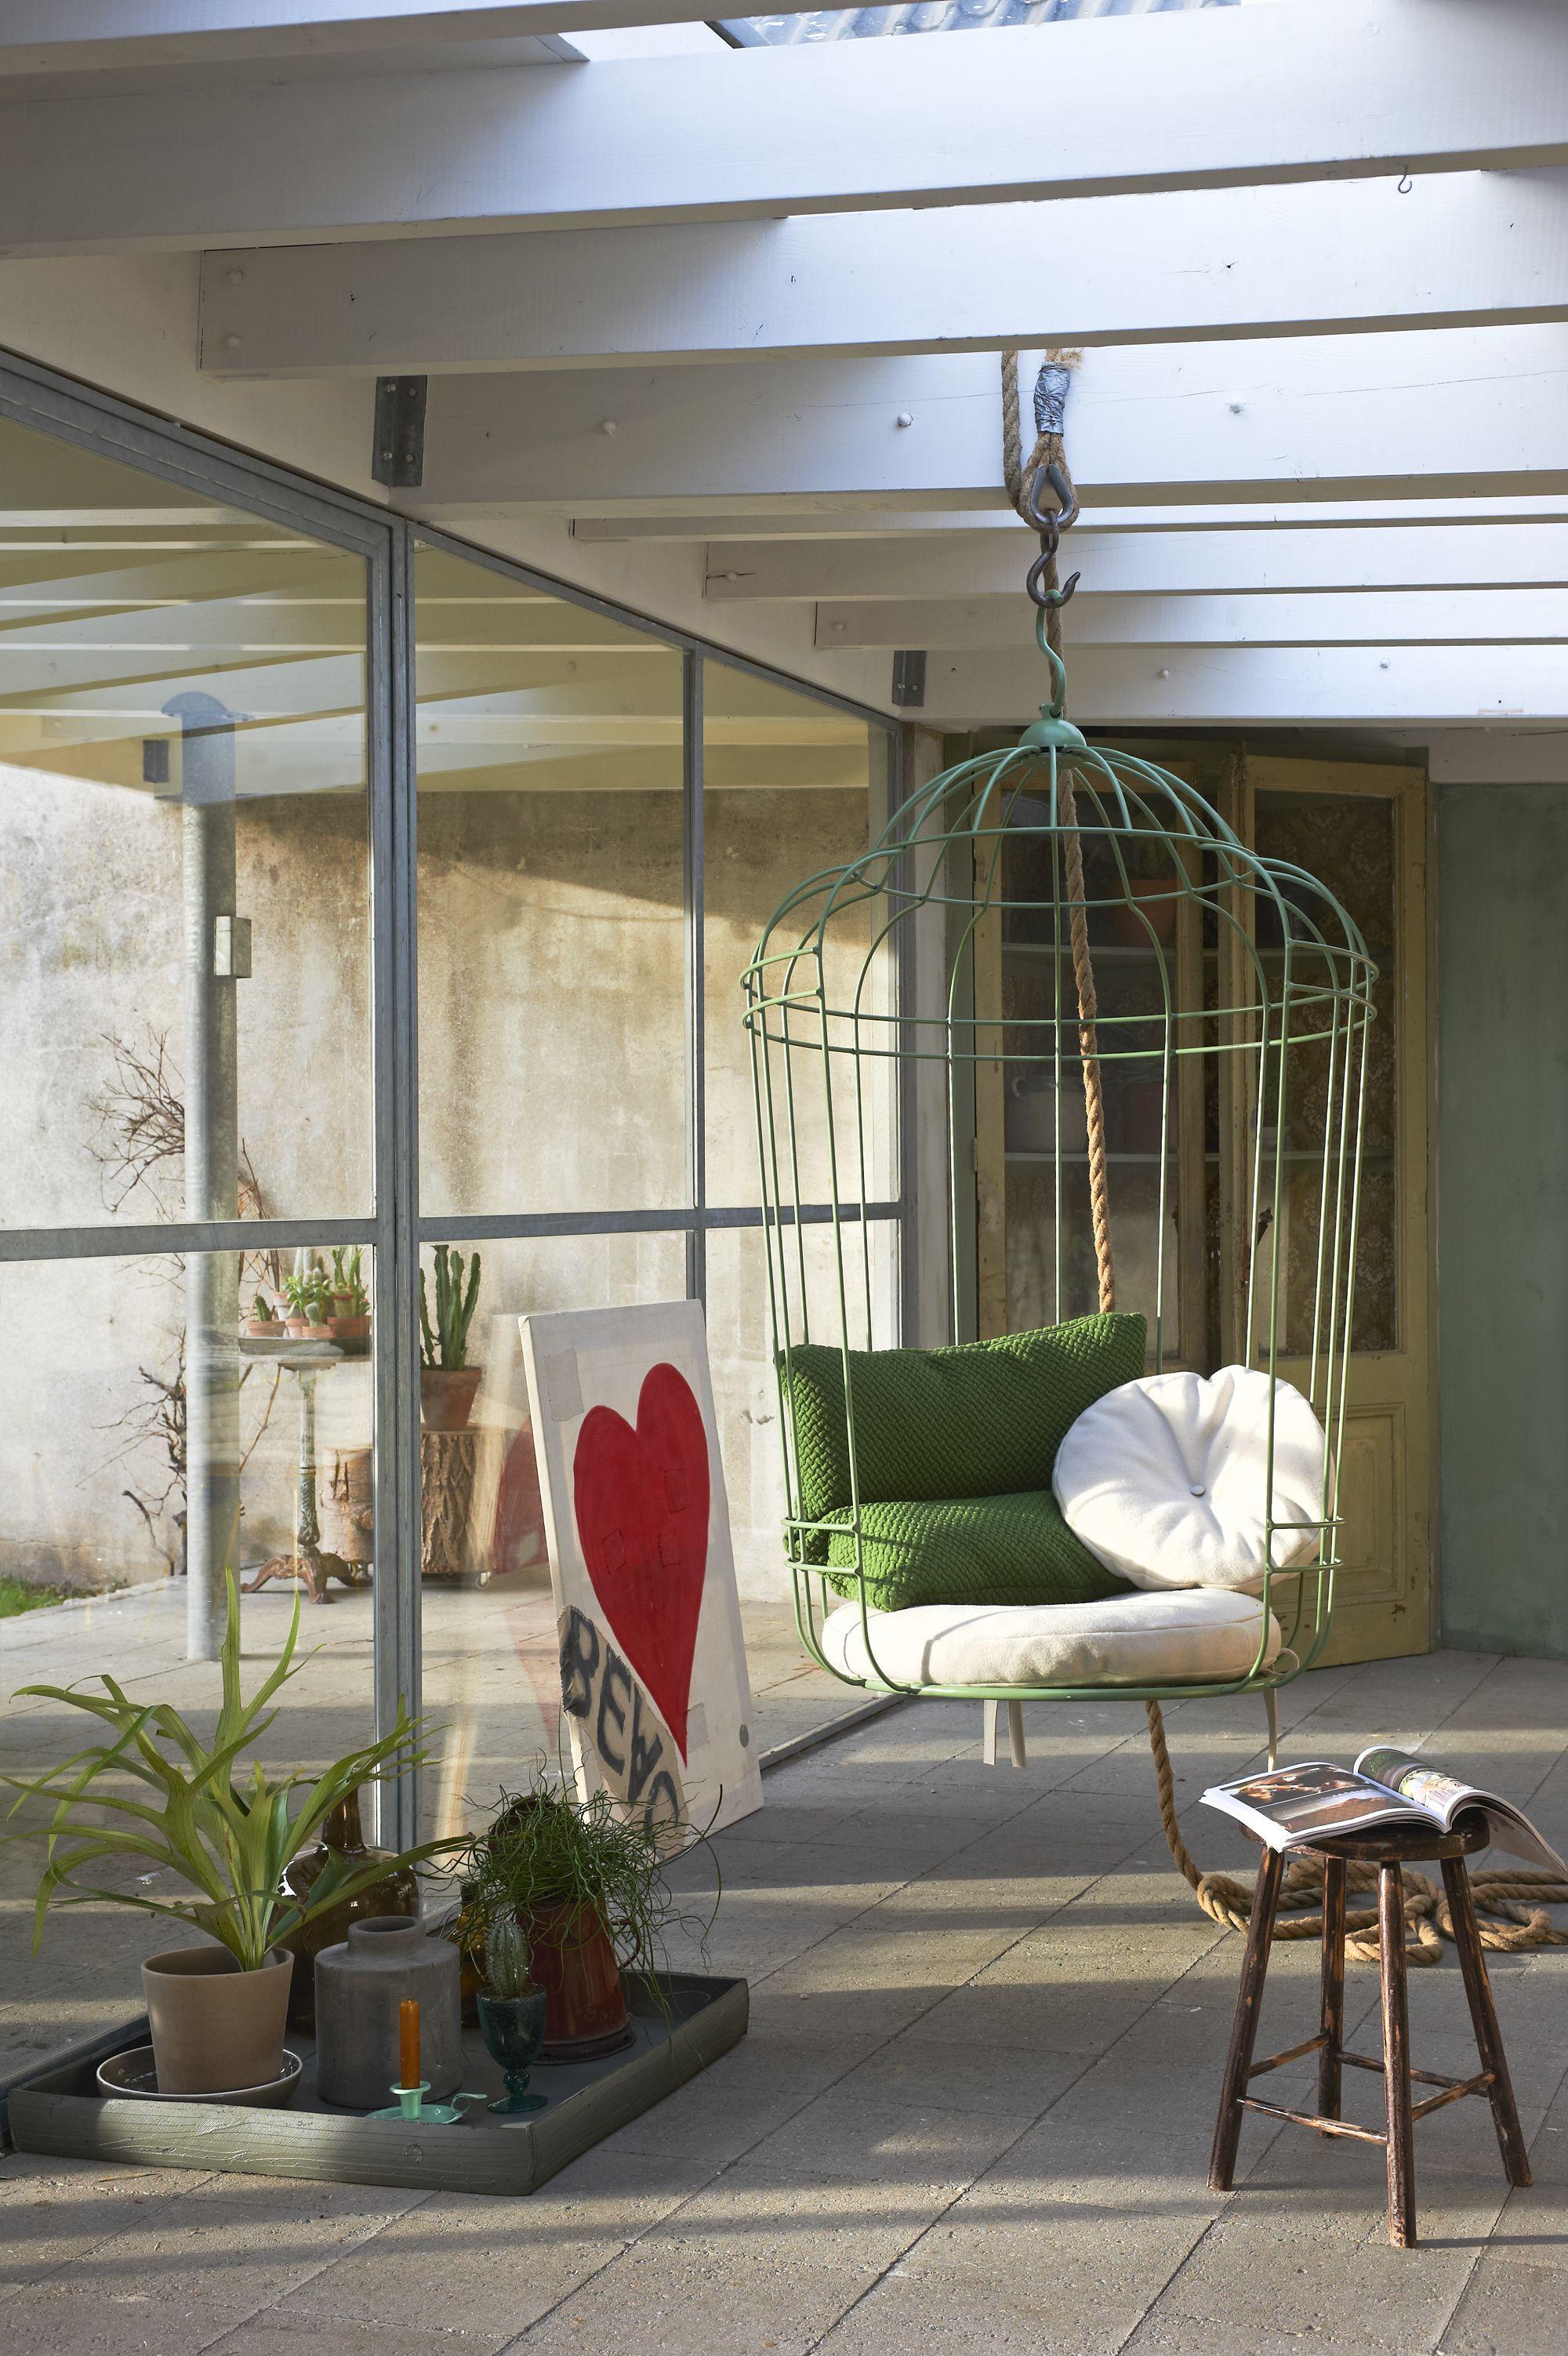 Hangstoel Met Parasol.Met Een Hangstoel Geef Je Het Interieur Een Speelse Twist Verzamel